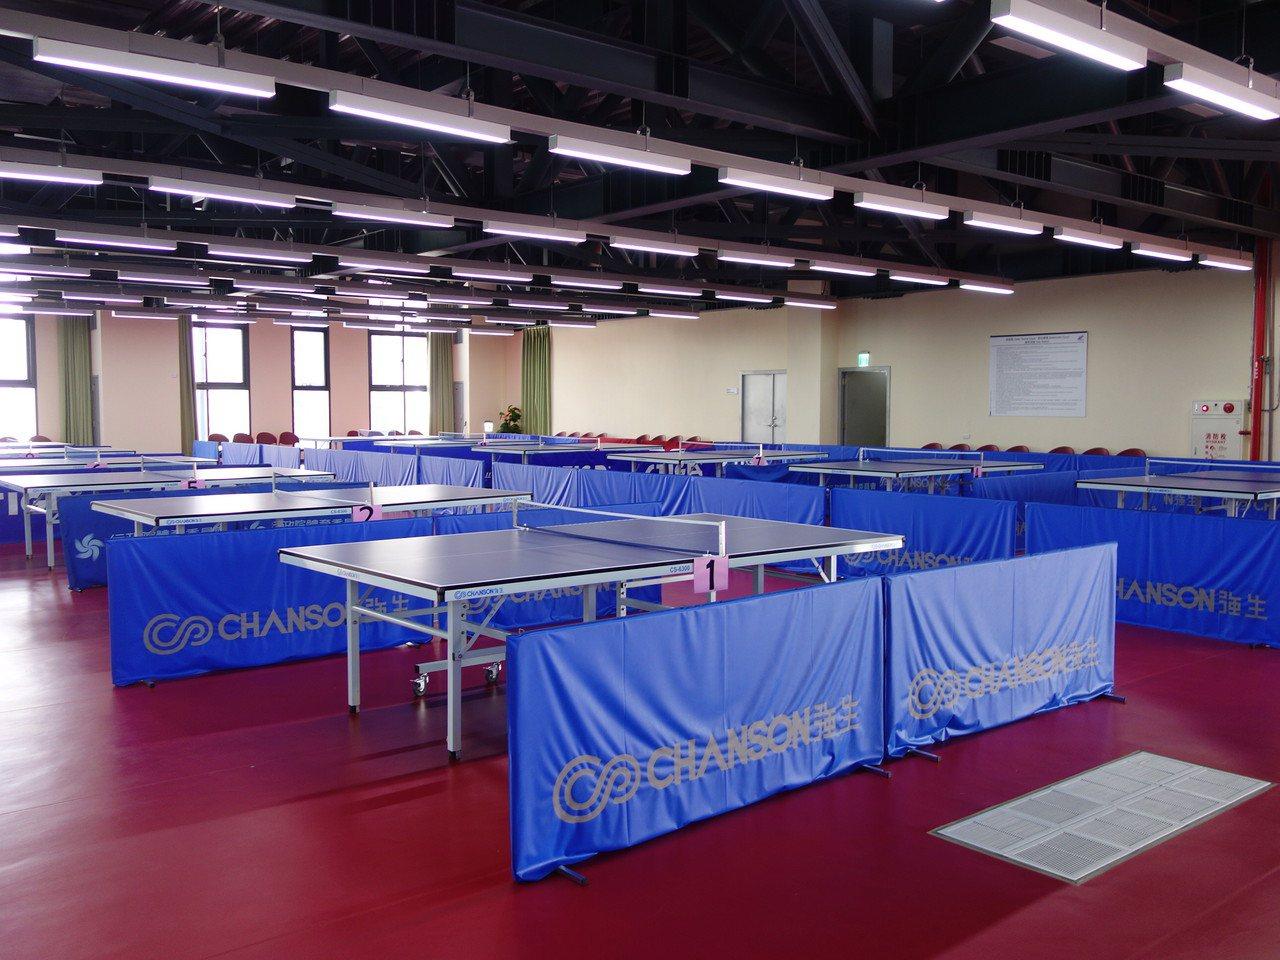 二樓有12張桌球桌。記者郭政芬/攝影